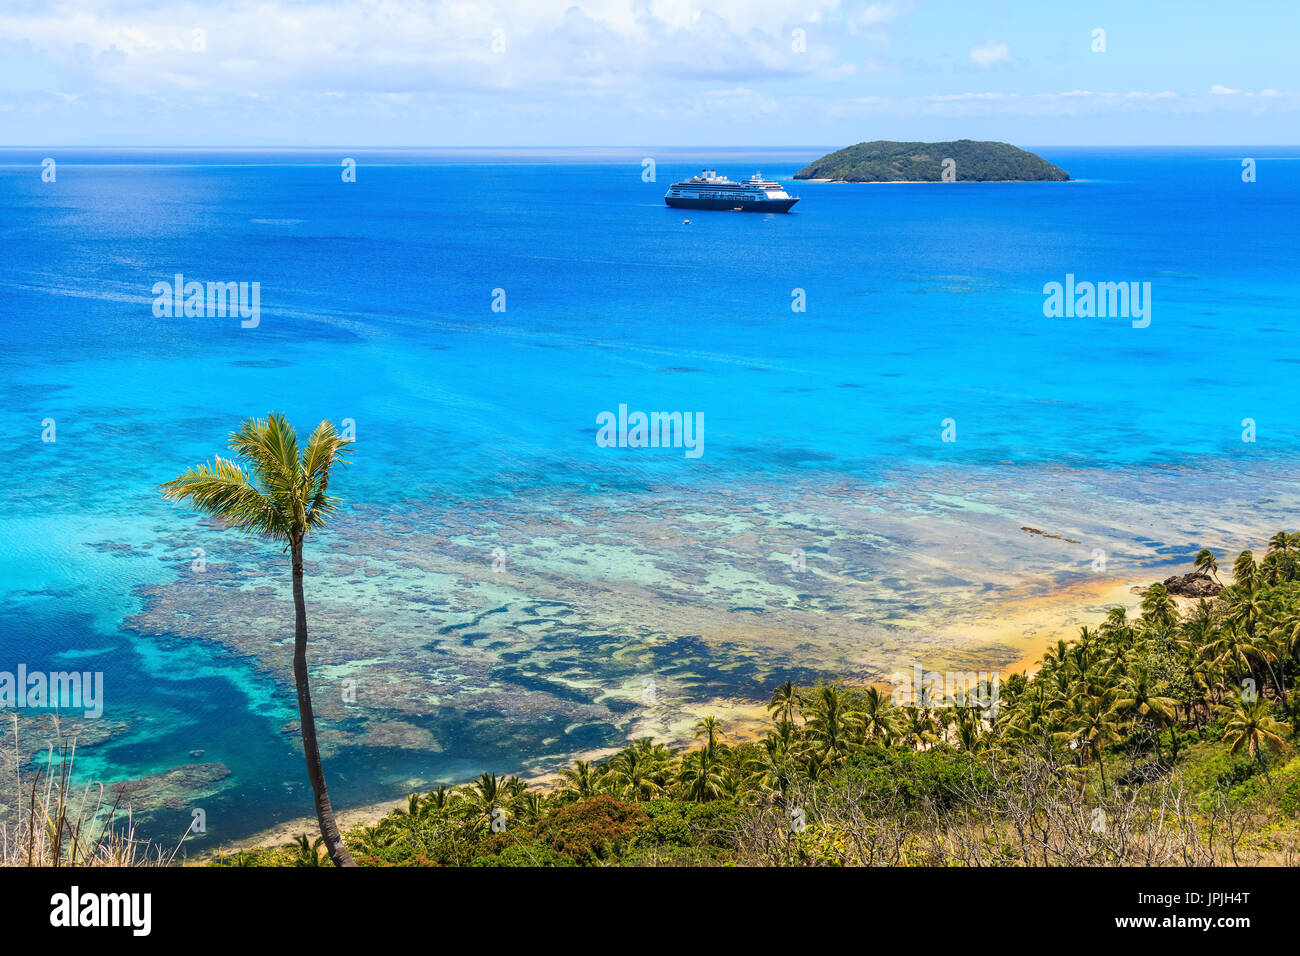 Dravuni Island, Fidschi. Panoramablick auf die Insel im südlichen Pazifik. Stockfoto